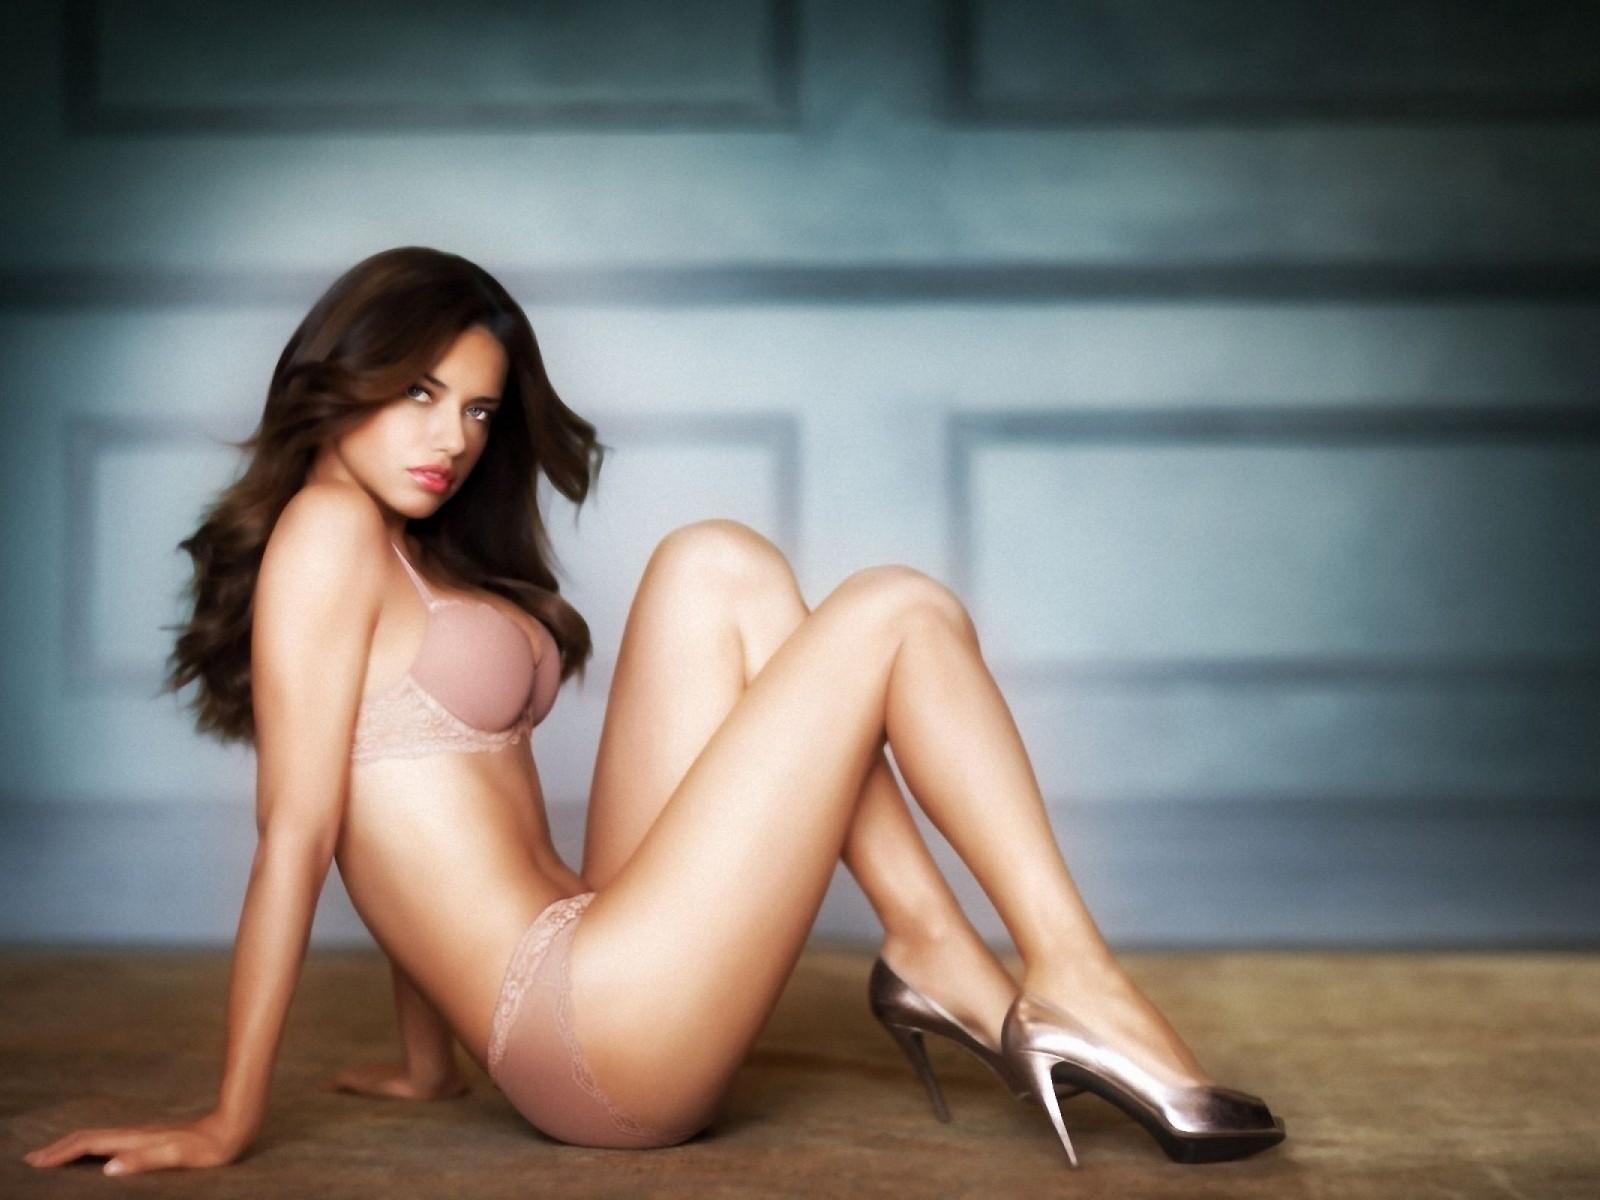 Of michigan woman nude